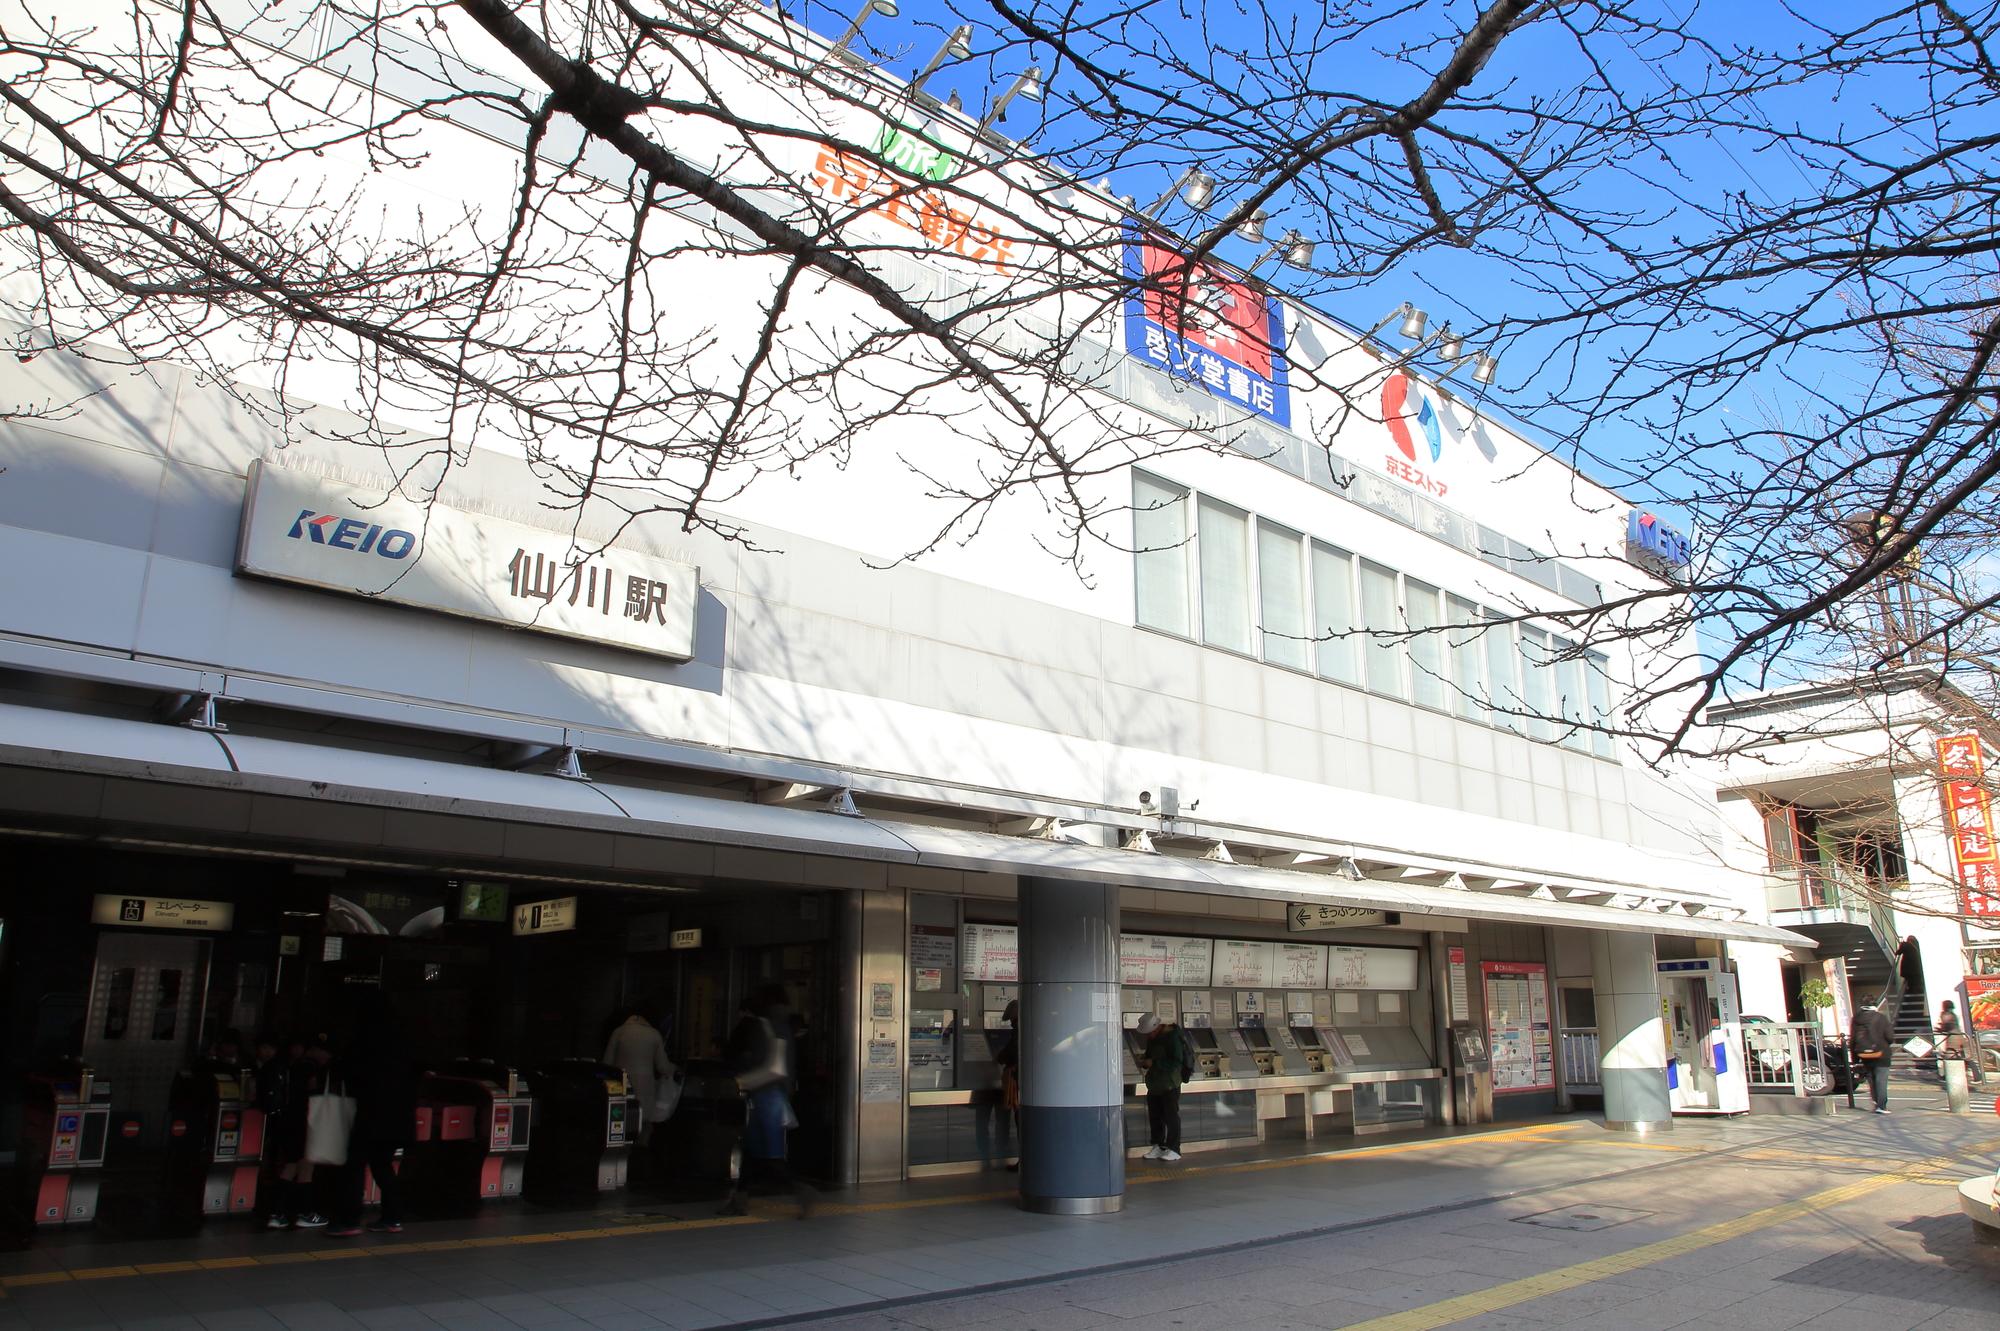 木曜に通院したい方へ!仙川駅の歯医者さん、おすすめポイント紹介